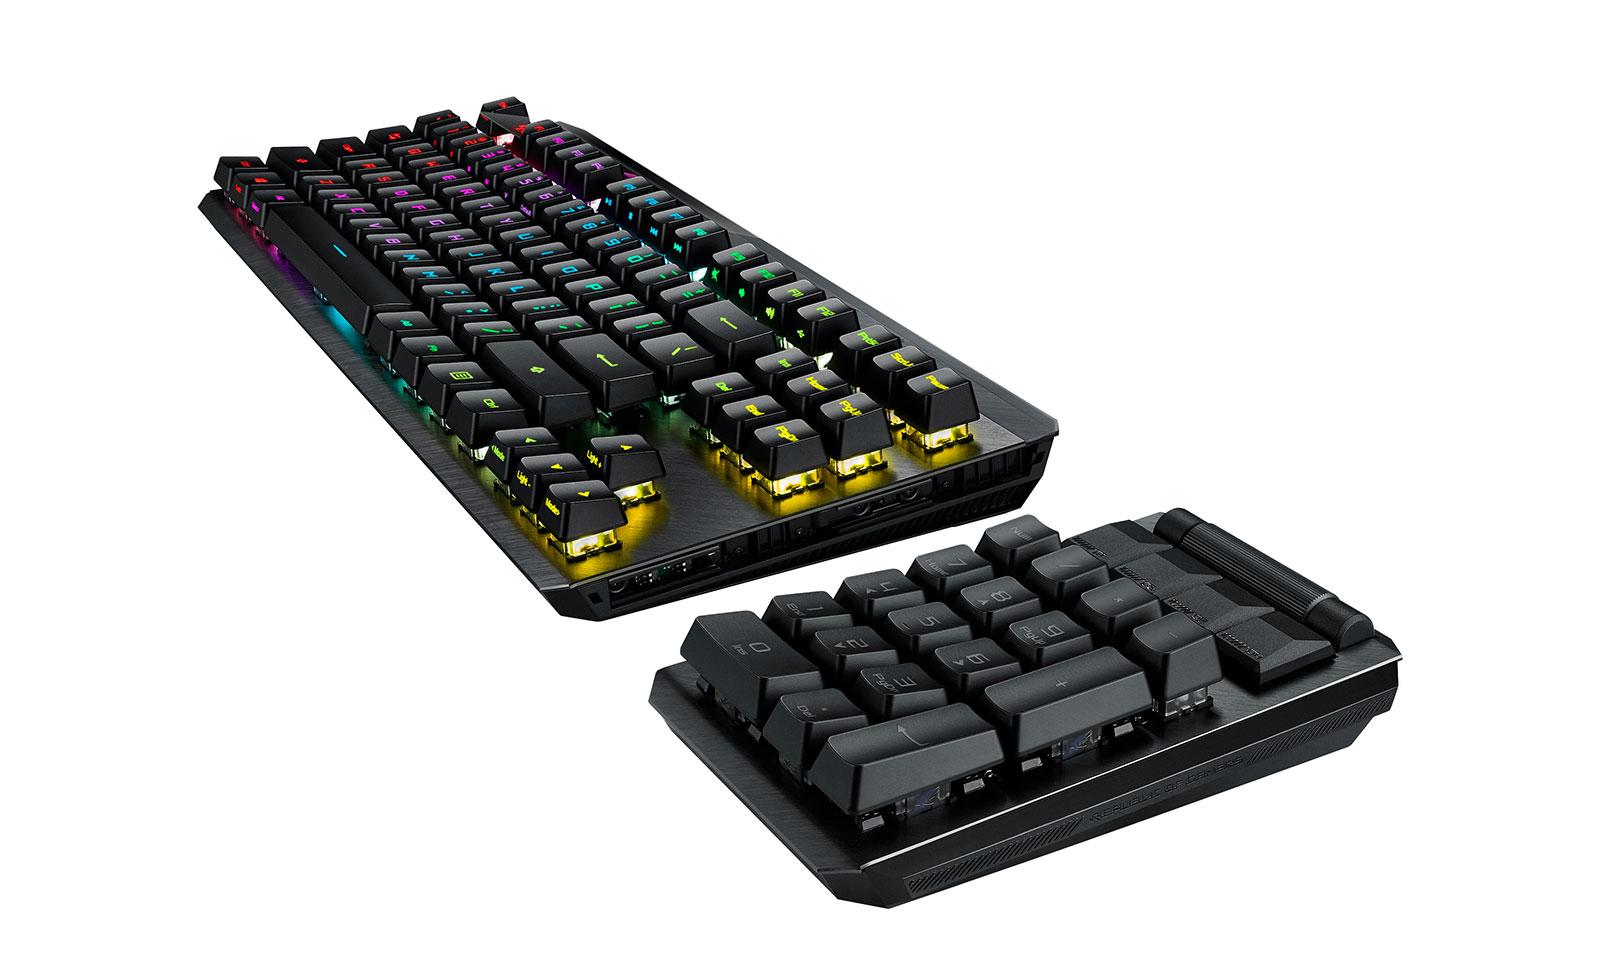 Tastatura de gaming Claymore II cu numpad detașabil